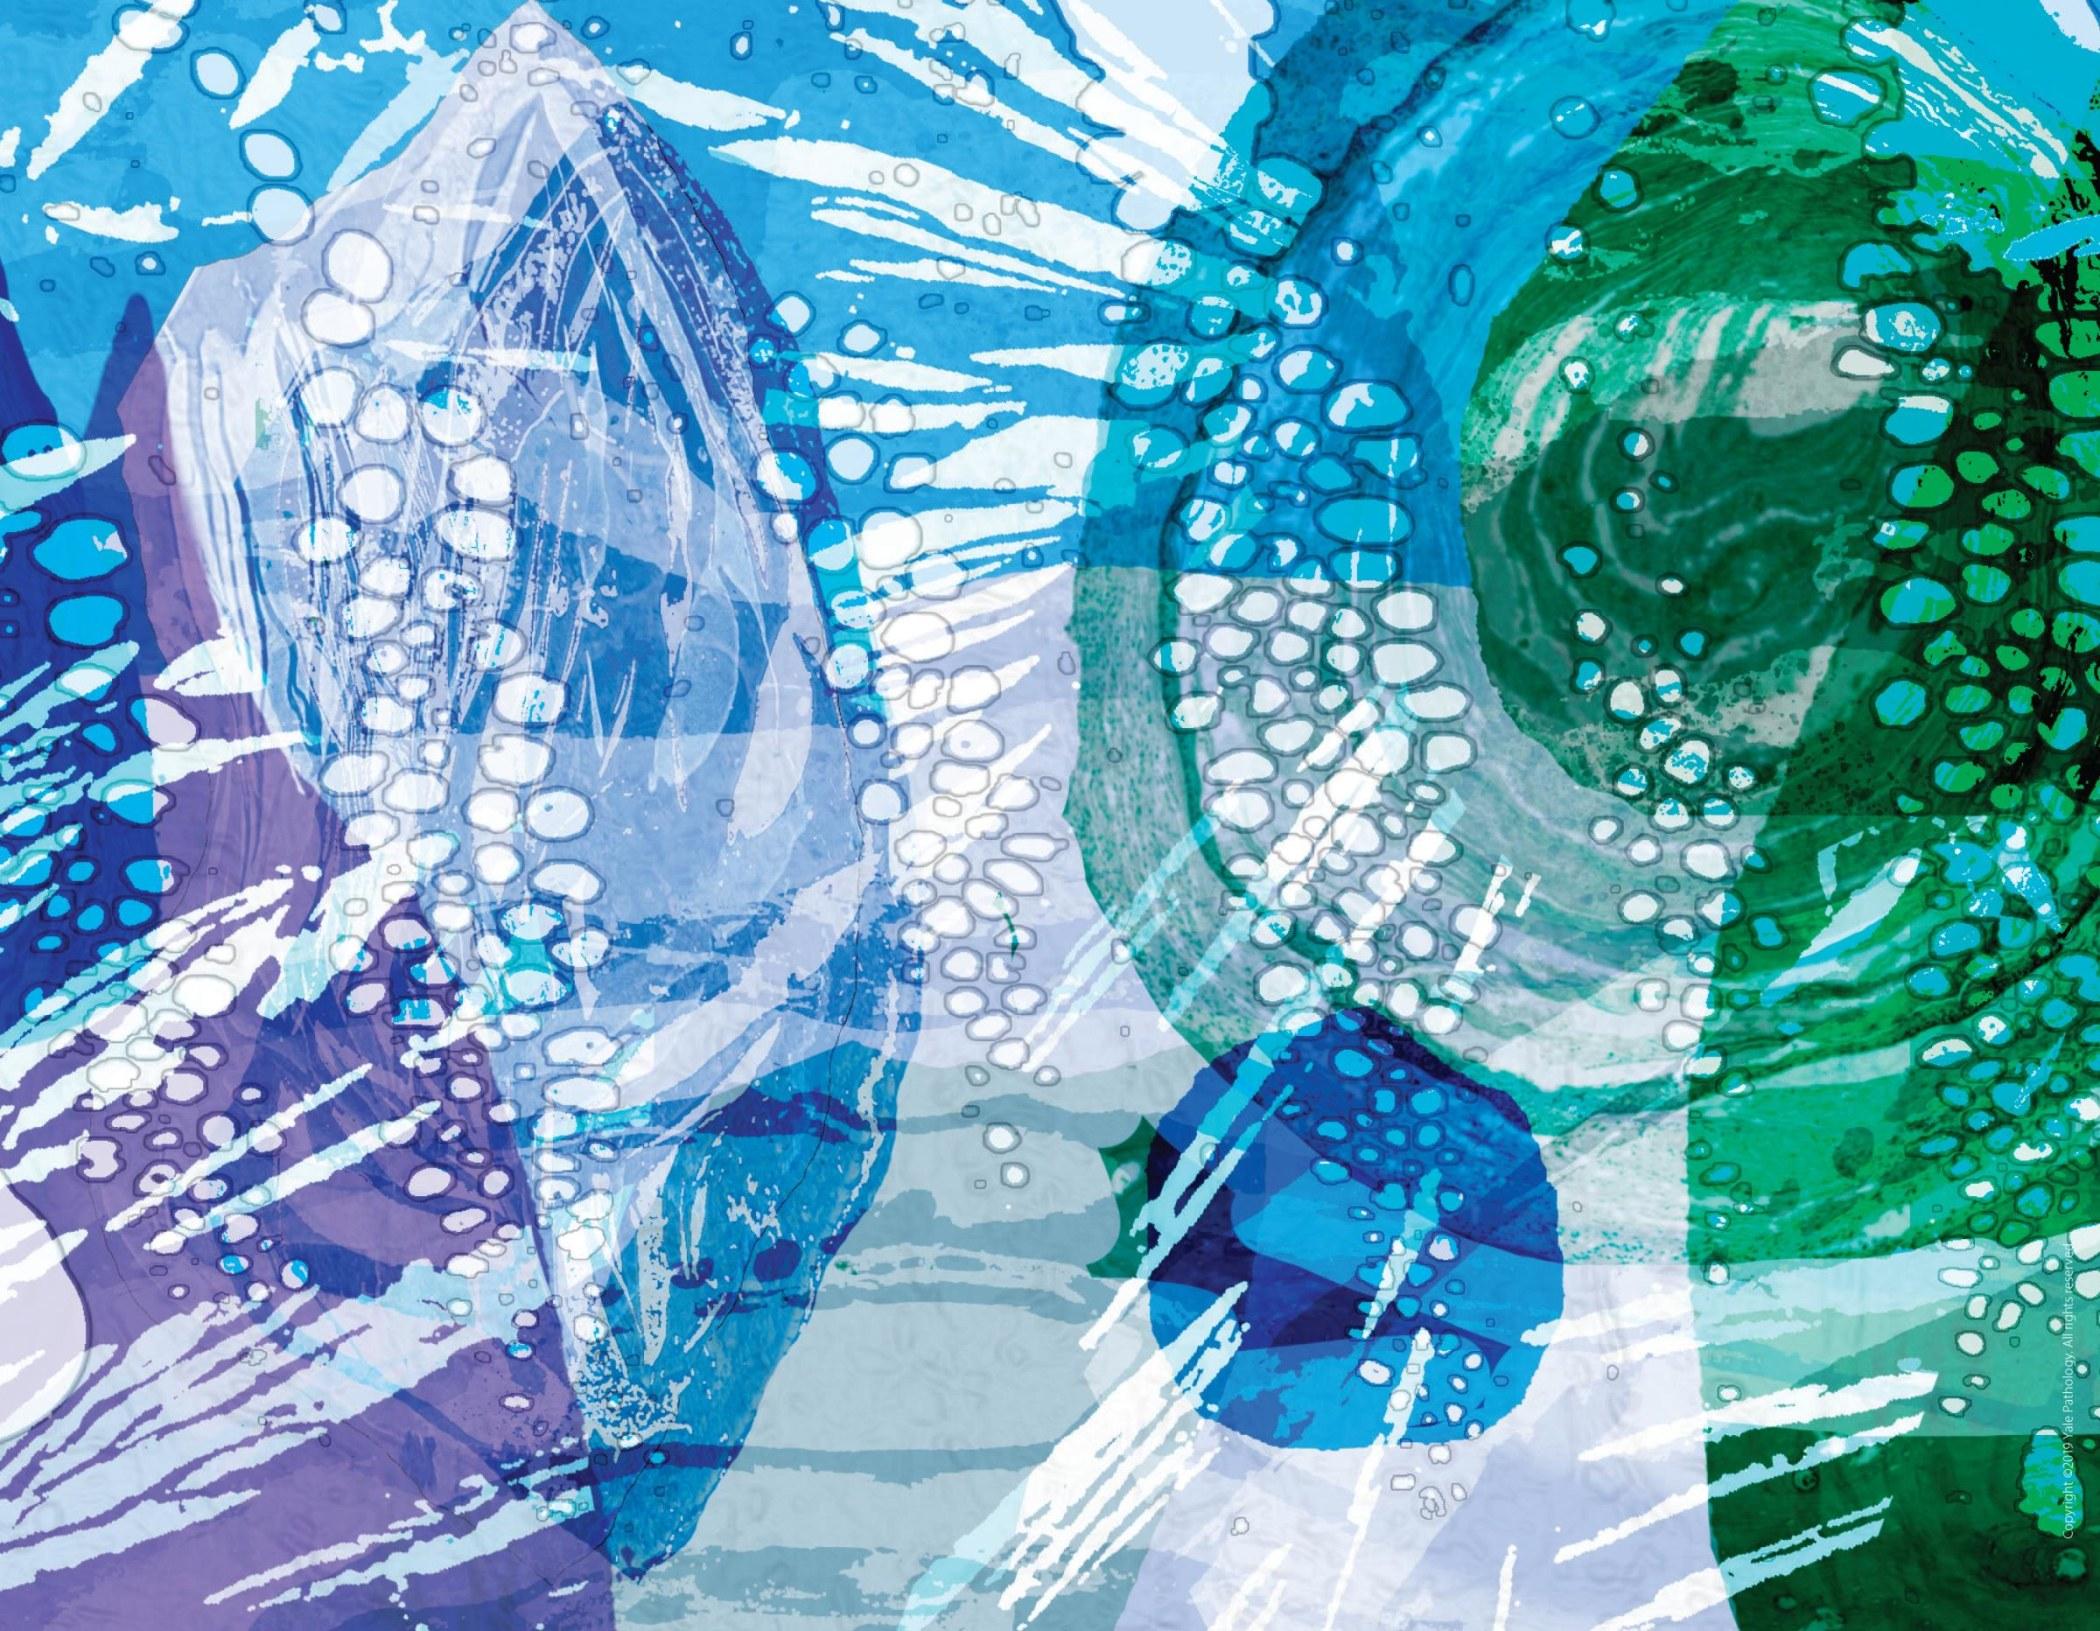 Yale Pathology Labs Calendar 2020 image for November-December